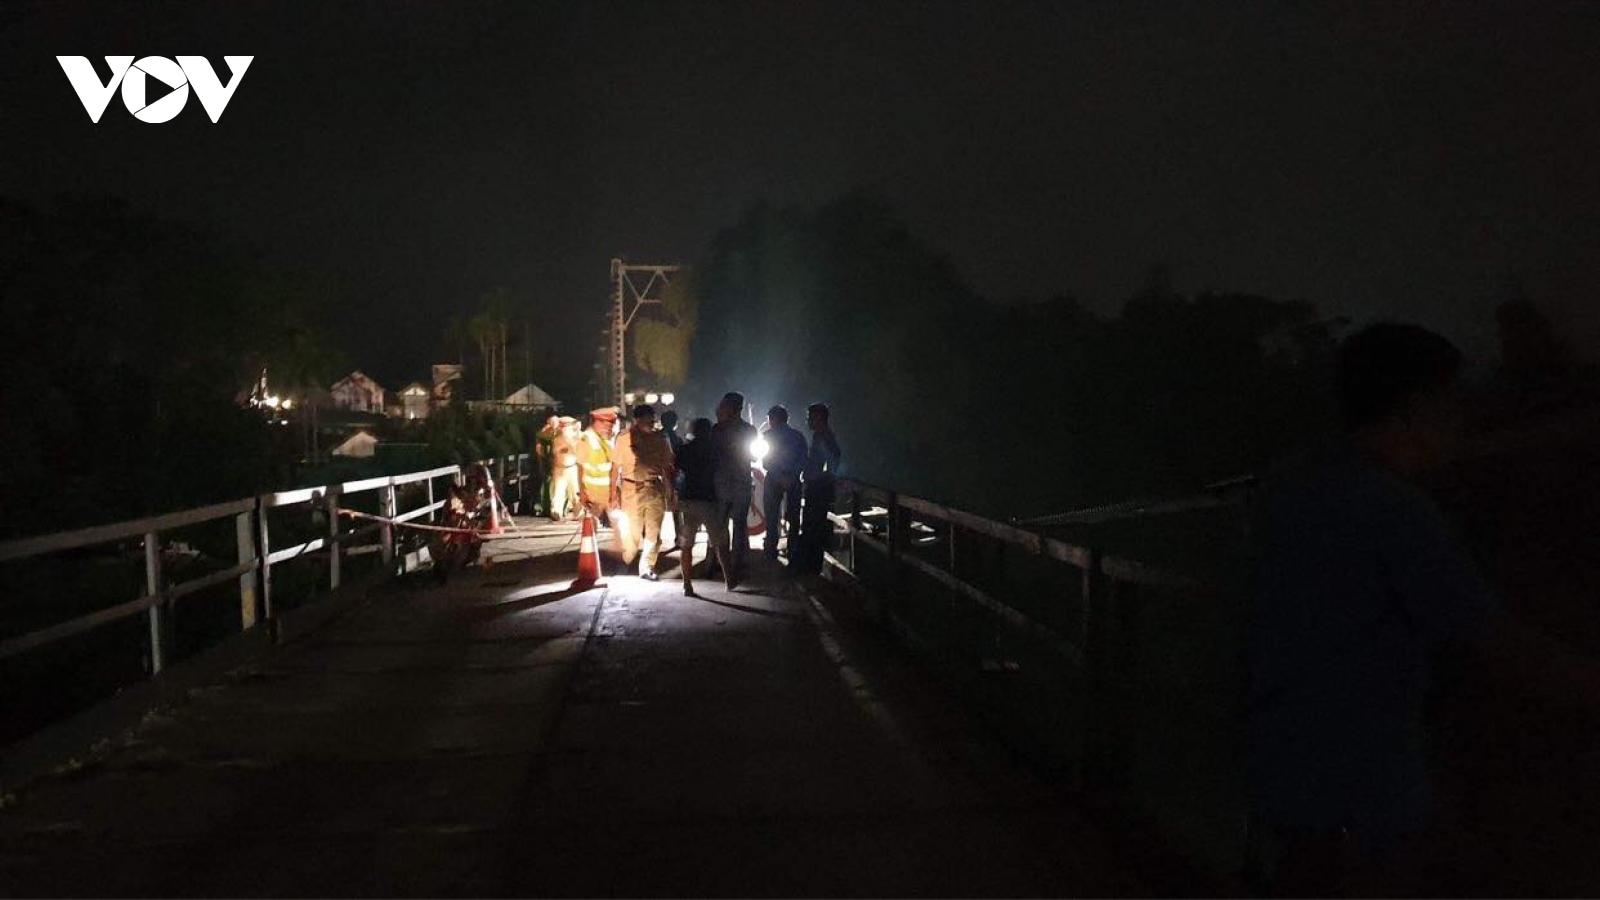 Hiện trường vụ xe 7 chỗ đâm xe máy rồi rơi xuống sông ở Nghệ An, 5 người tử vong